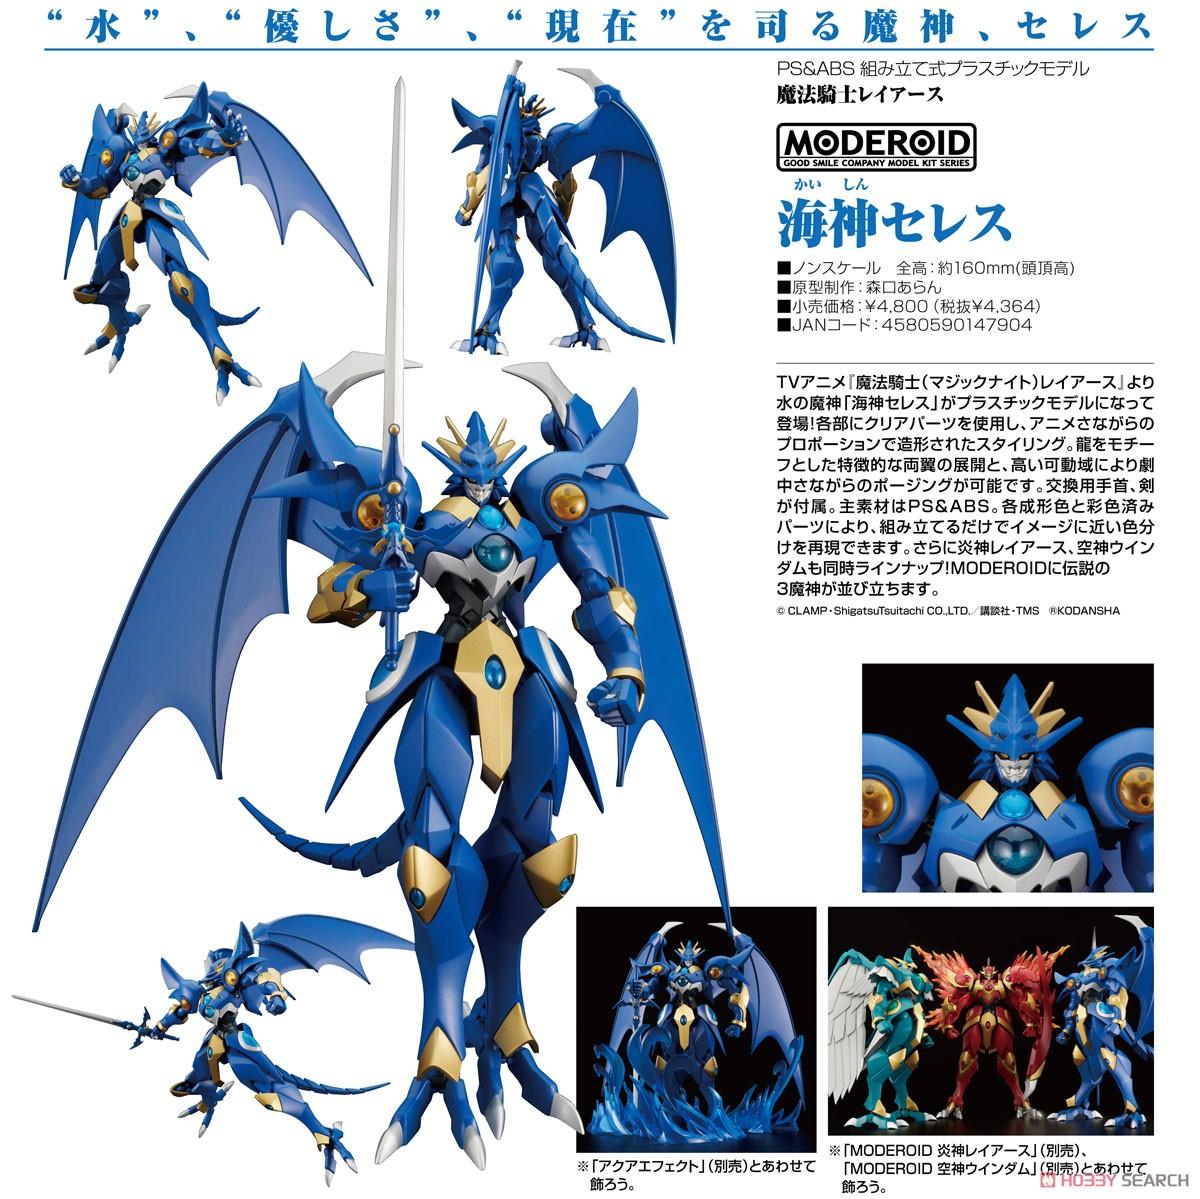 MODEROID『炎神レイアース』魔法騎士レイアース プラモデル-019